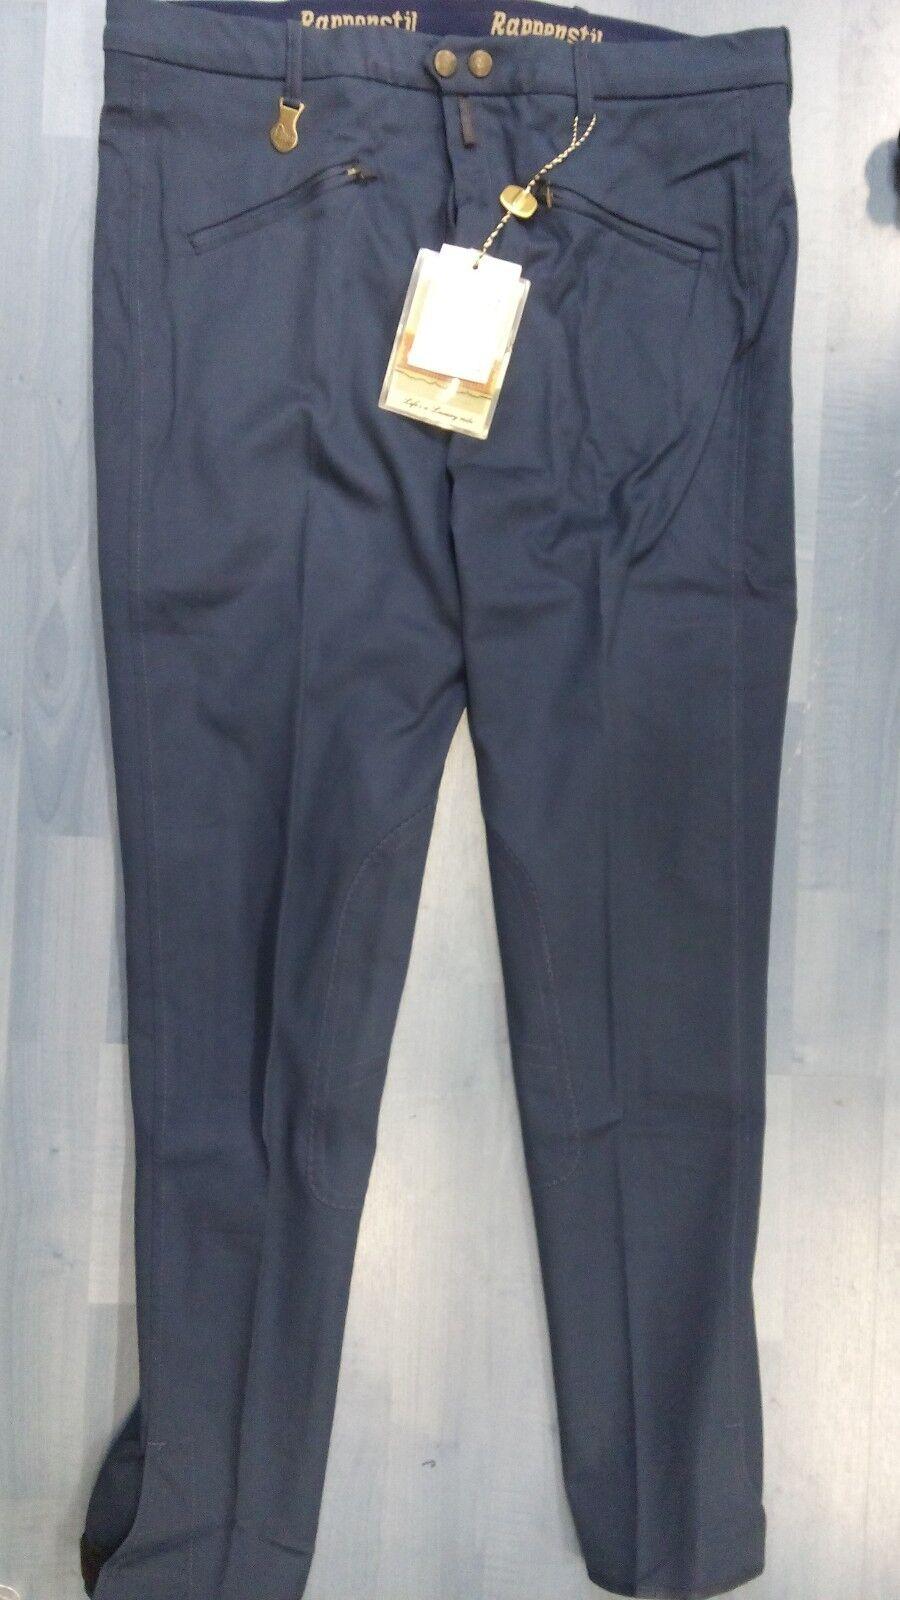 Pantaloni Equitazione uomo Equi Comfort cotone elasticizzato. elasticizzato. cotone tg 54 1f12ea